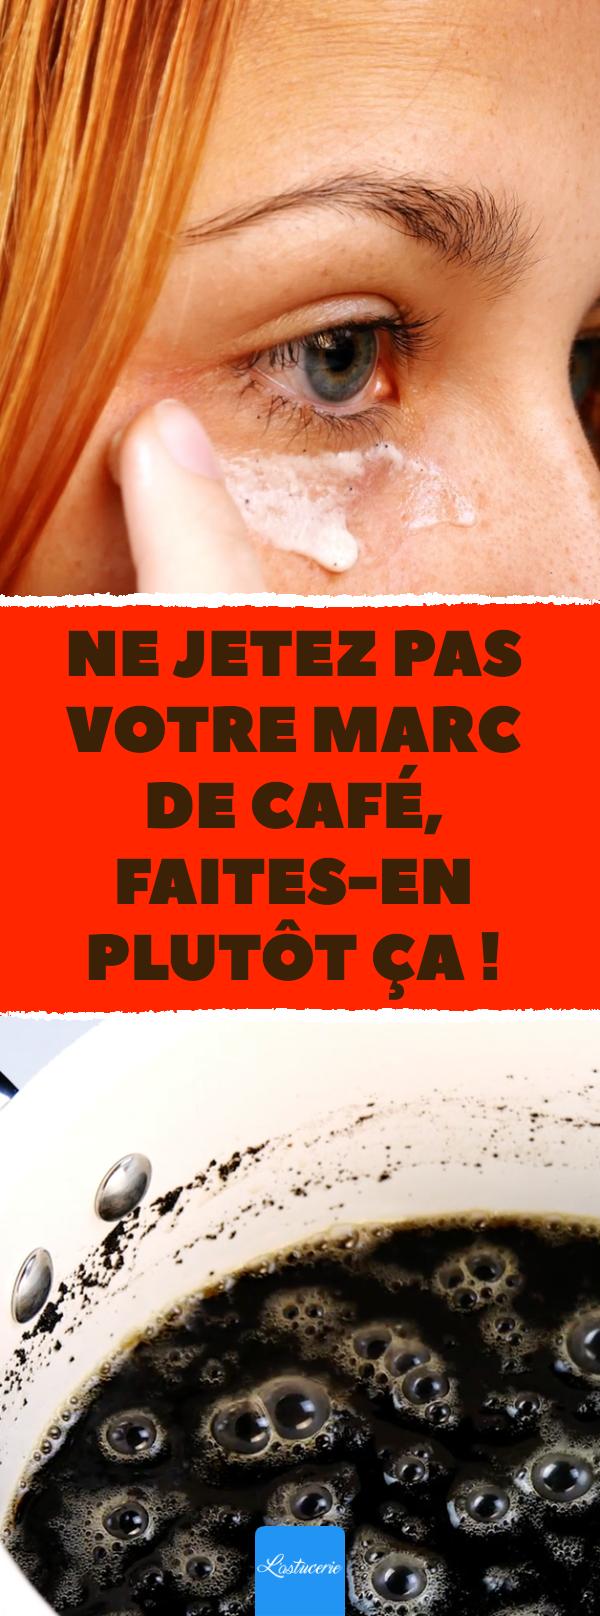 8 raisons de ne pas jeter le marc de café.